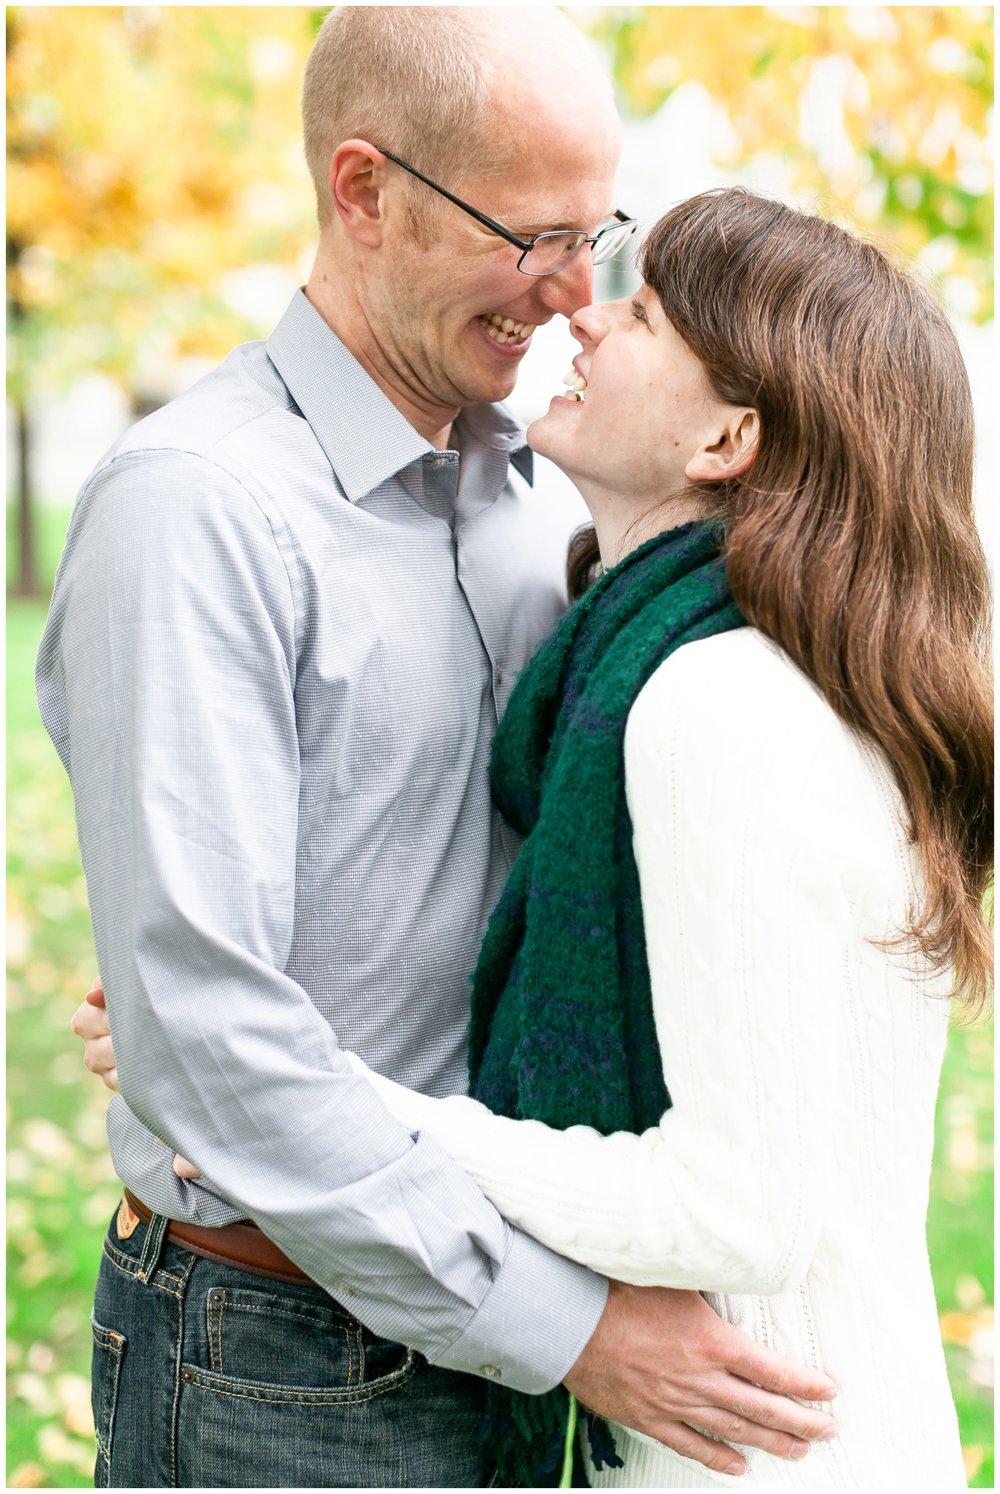 autumn_engagement_session_madison_wisconsin_wedding_photographers_1851.jpg